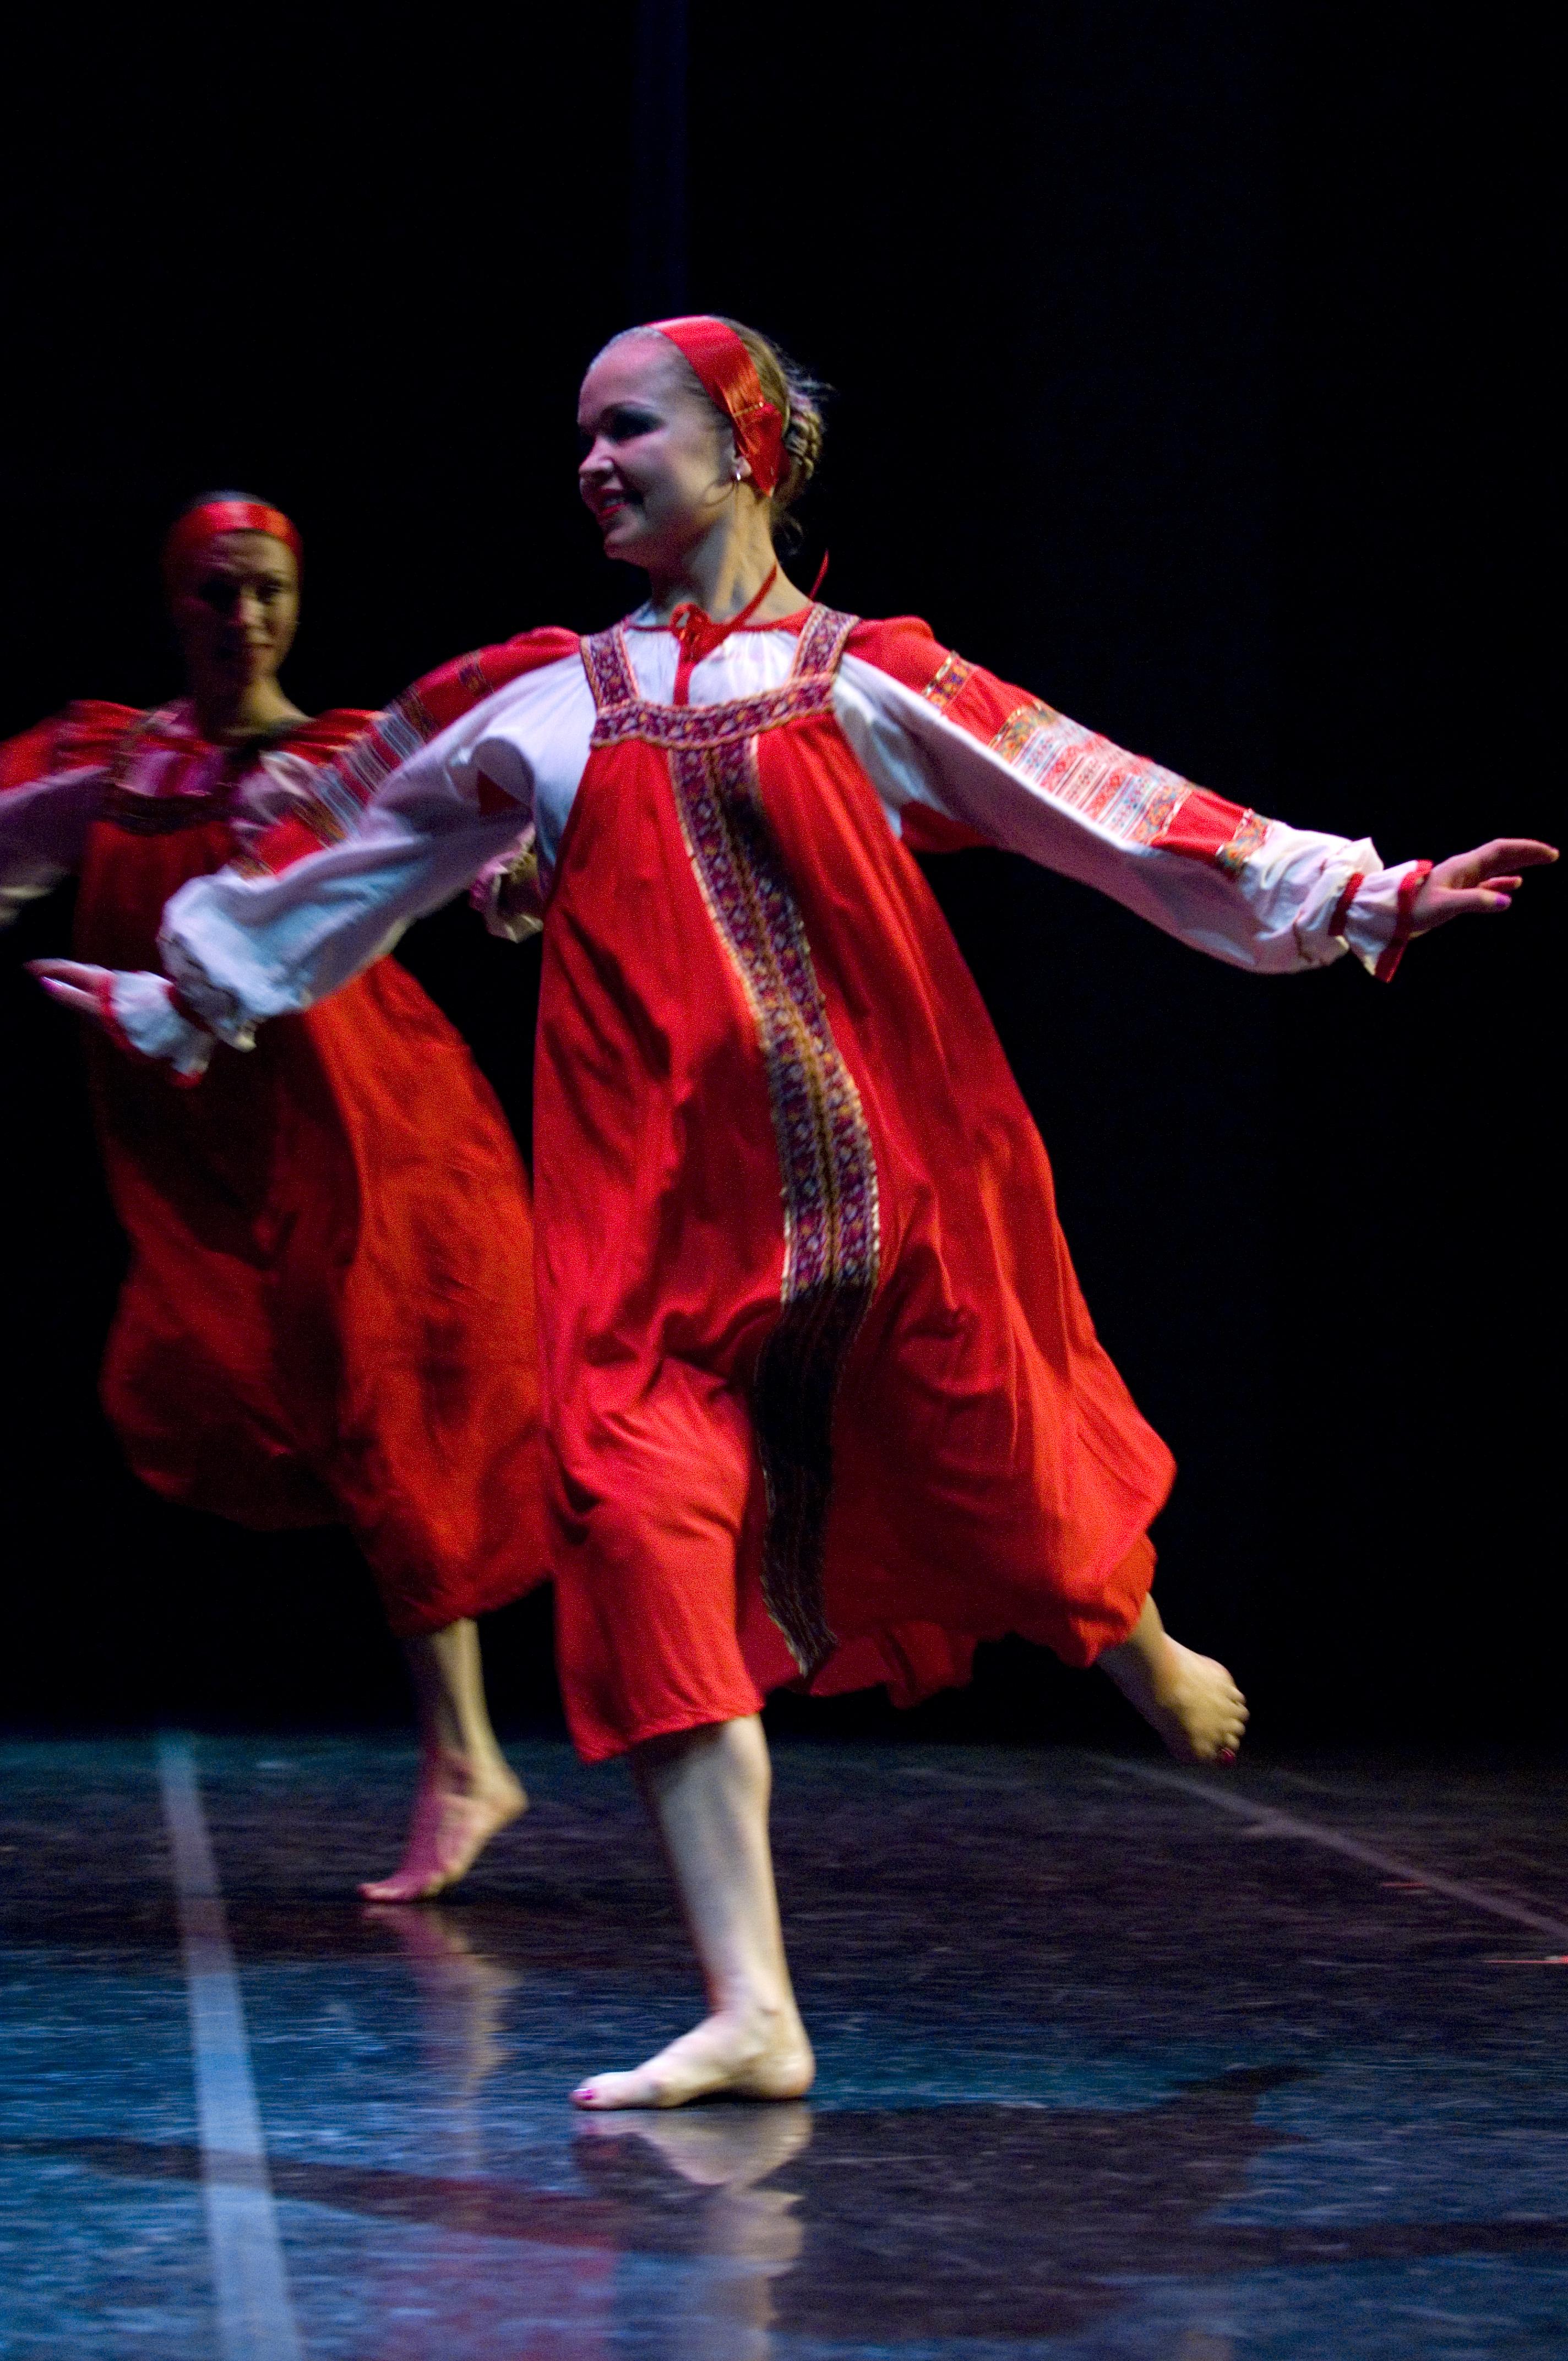 Mp3 dancer на русском скачать бесплатно